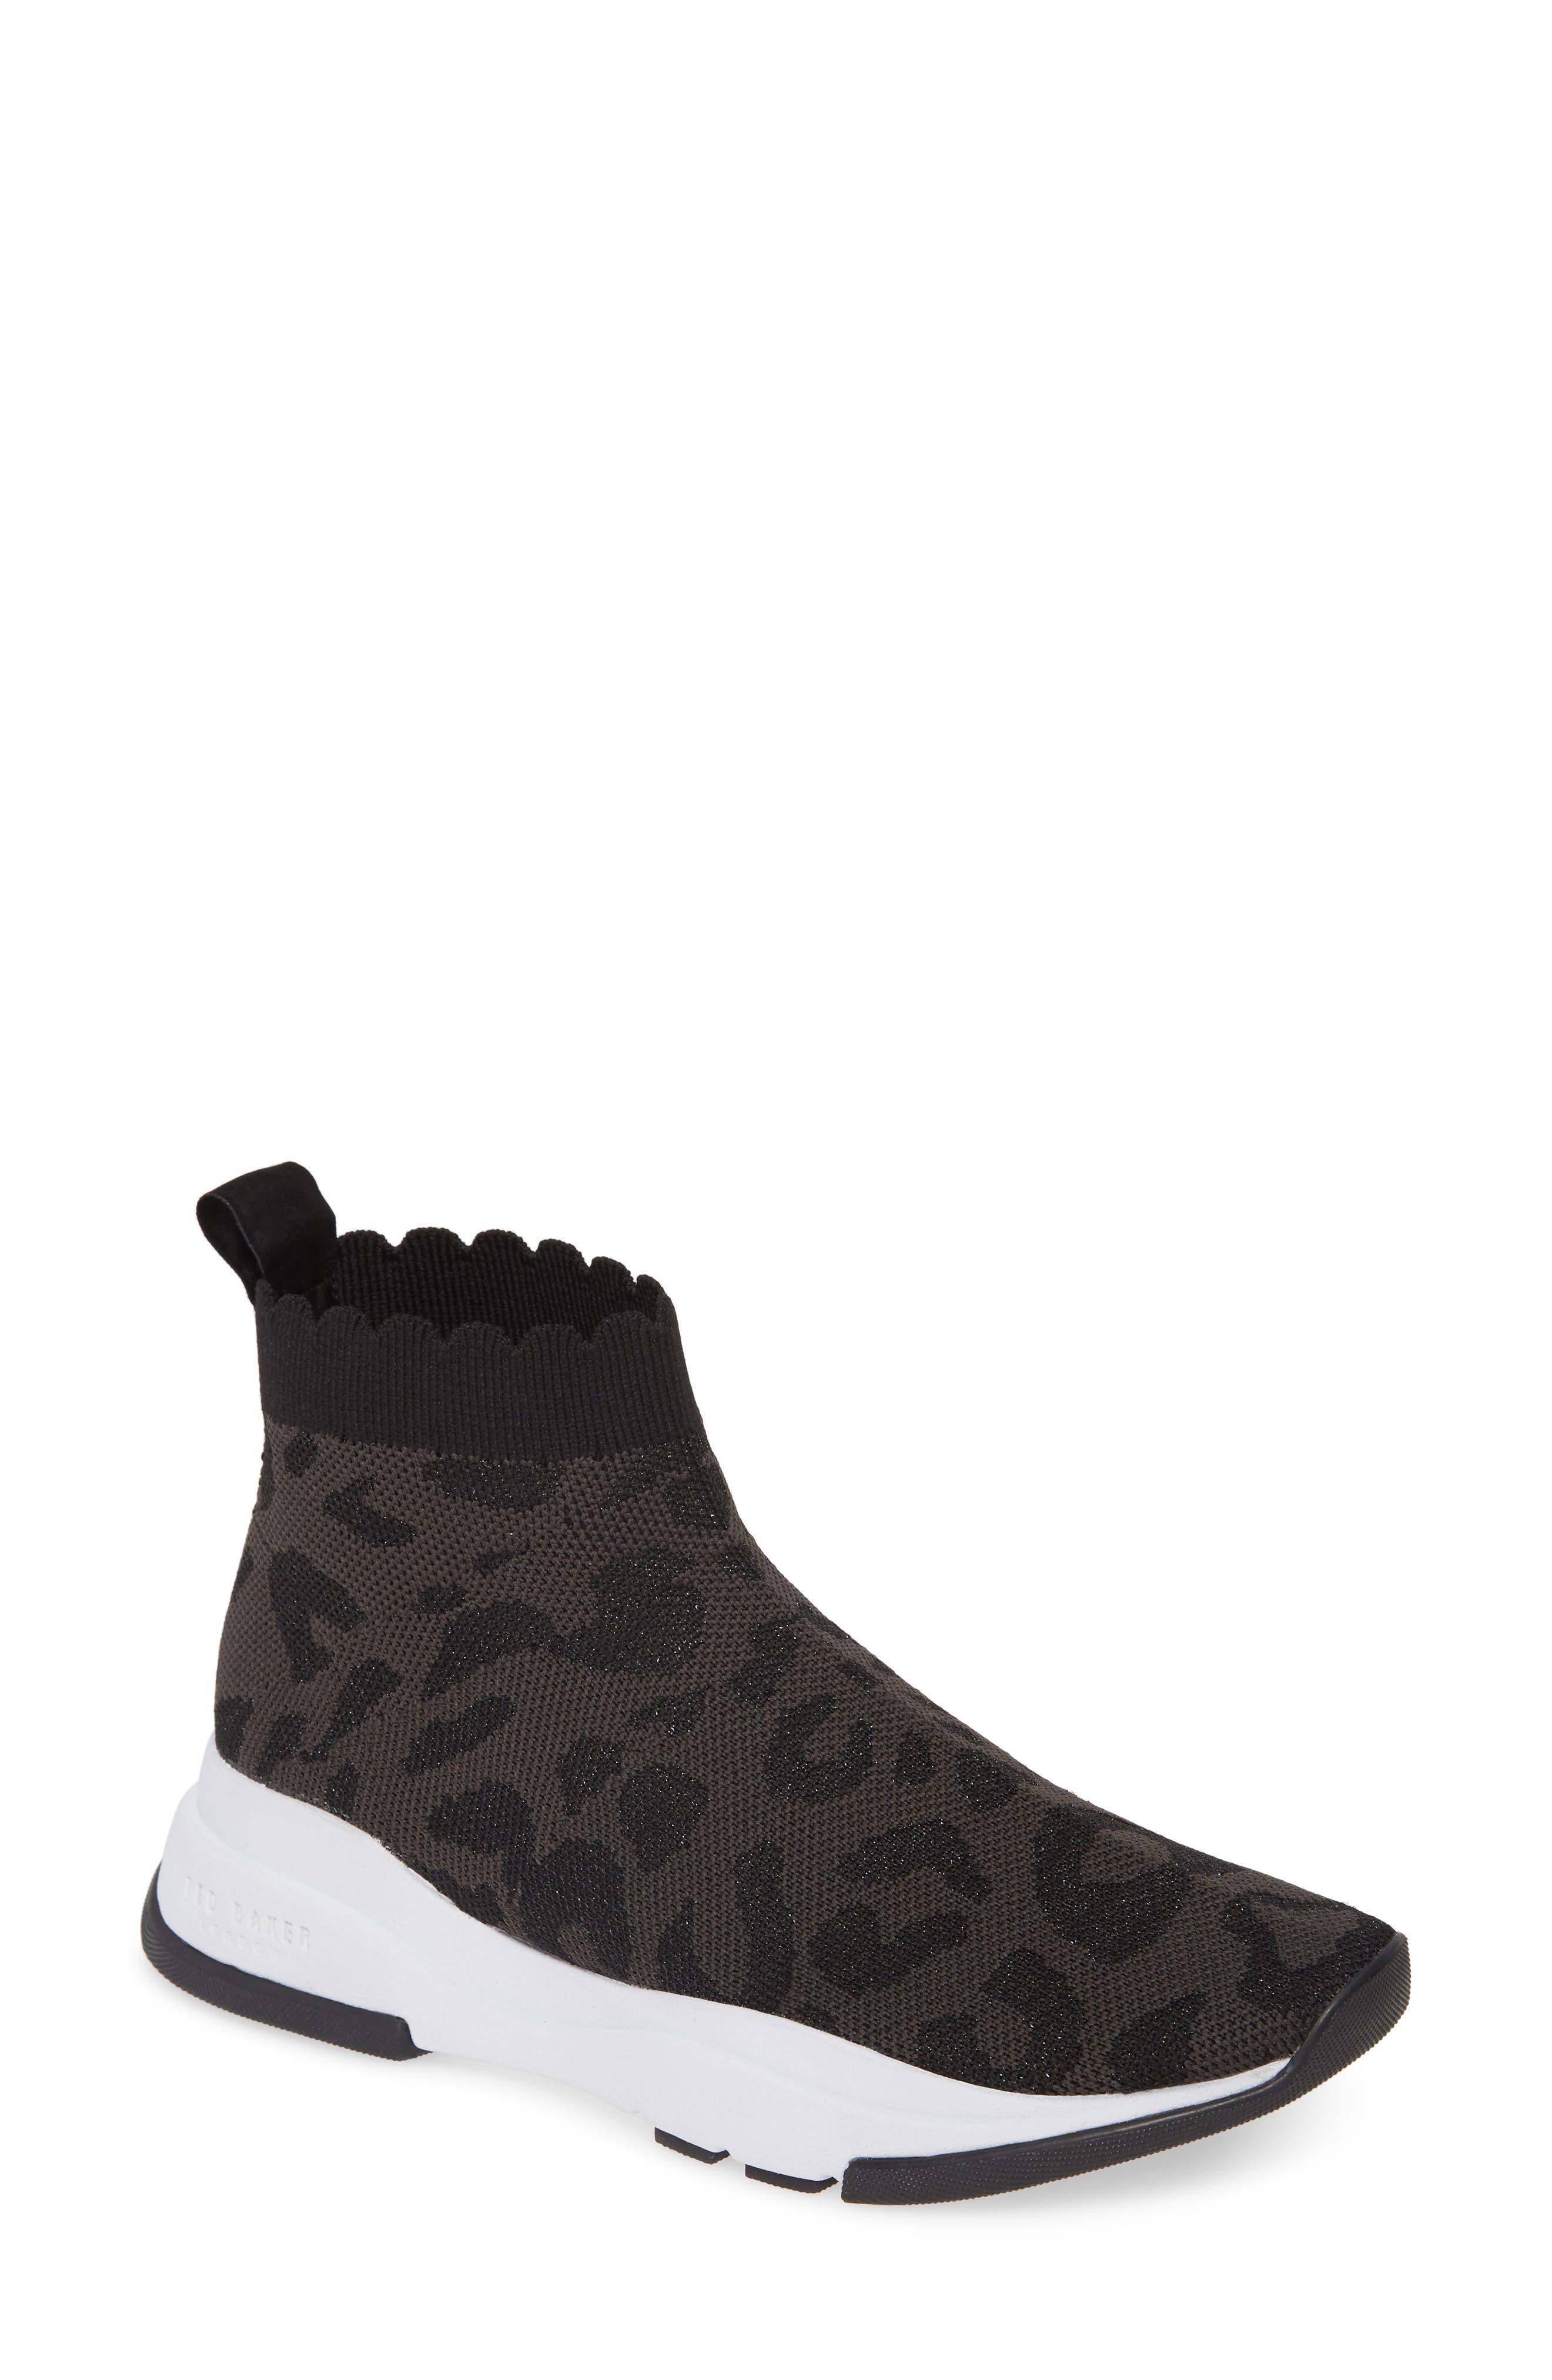 Ted Baker London Waverdi Sneaker - Black